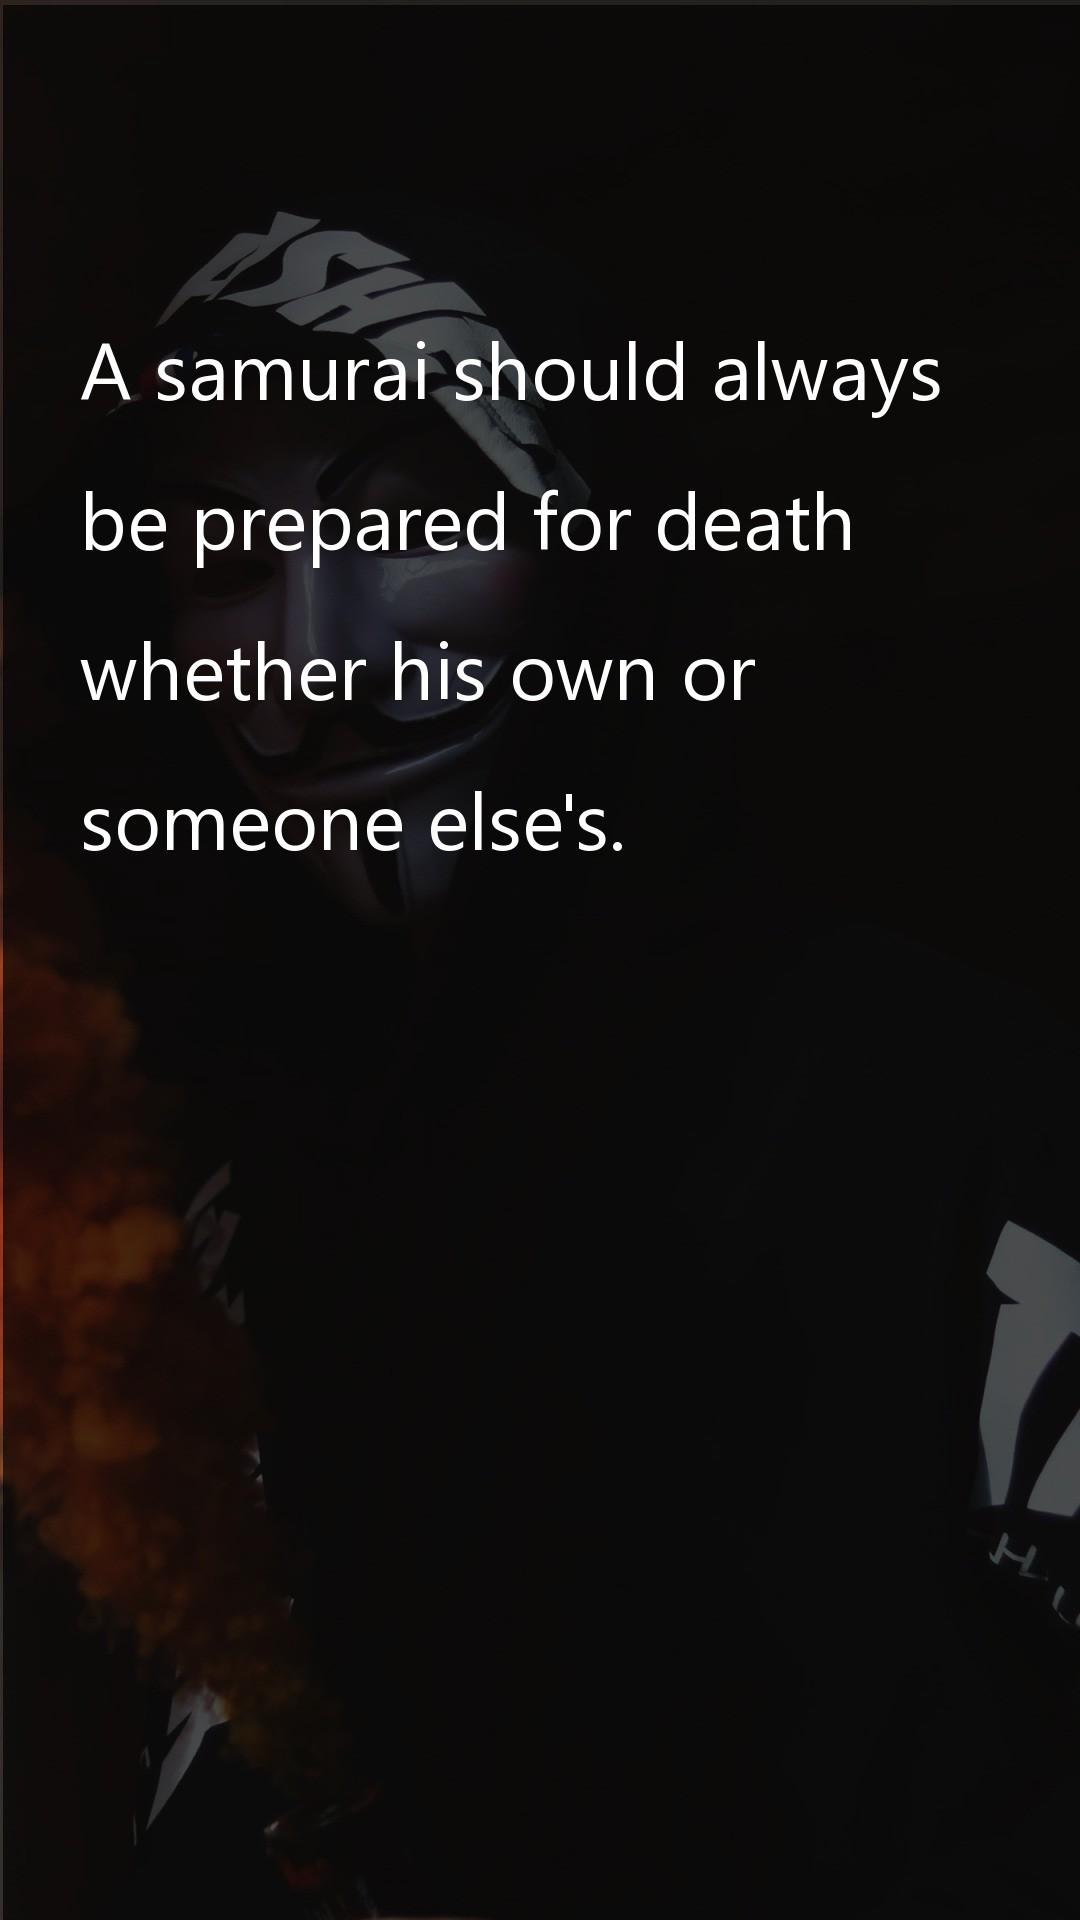 A samurai should always